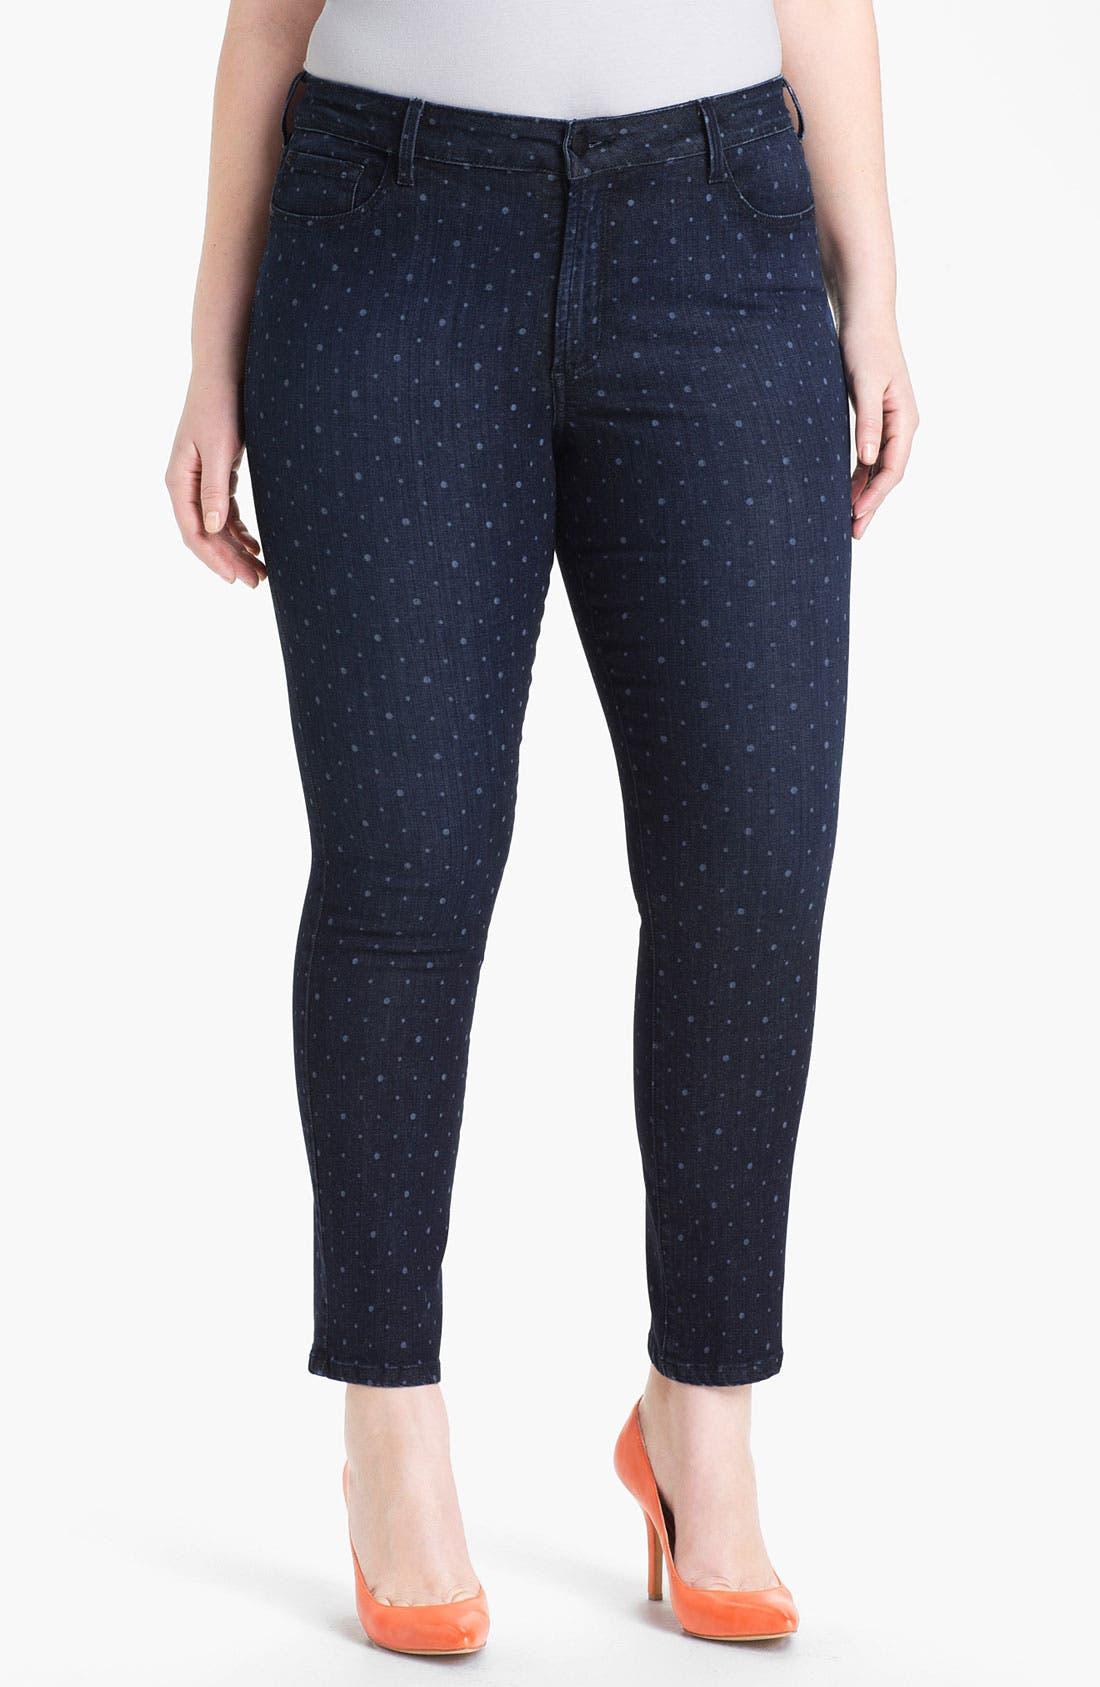 Alternate Image 1 Selected - NYDJ 'Sheri - Polka Dot' Print Skinny Ankle Jeans (Plus Size)